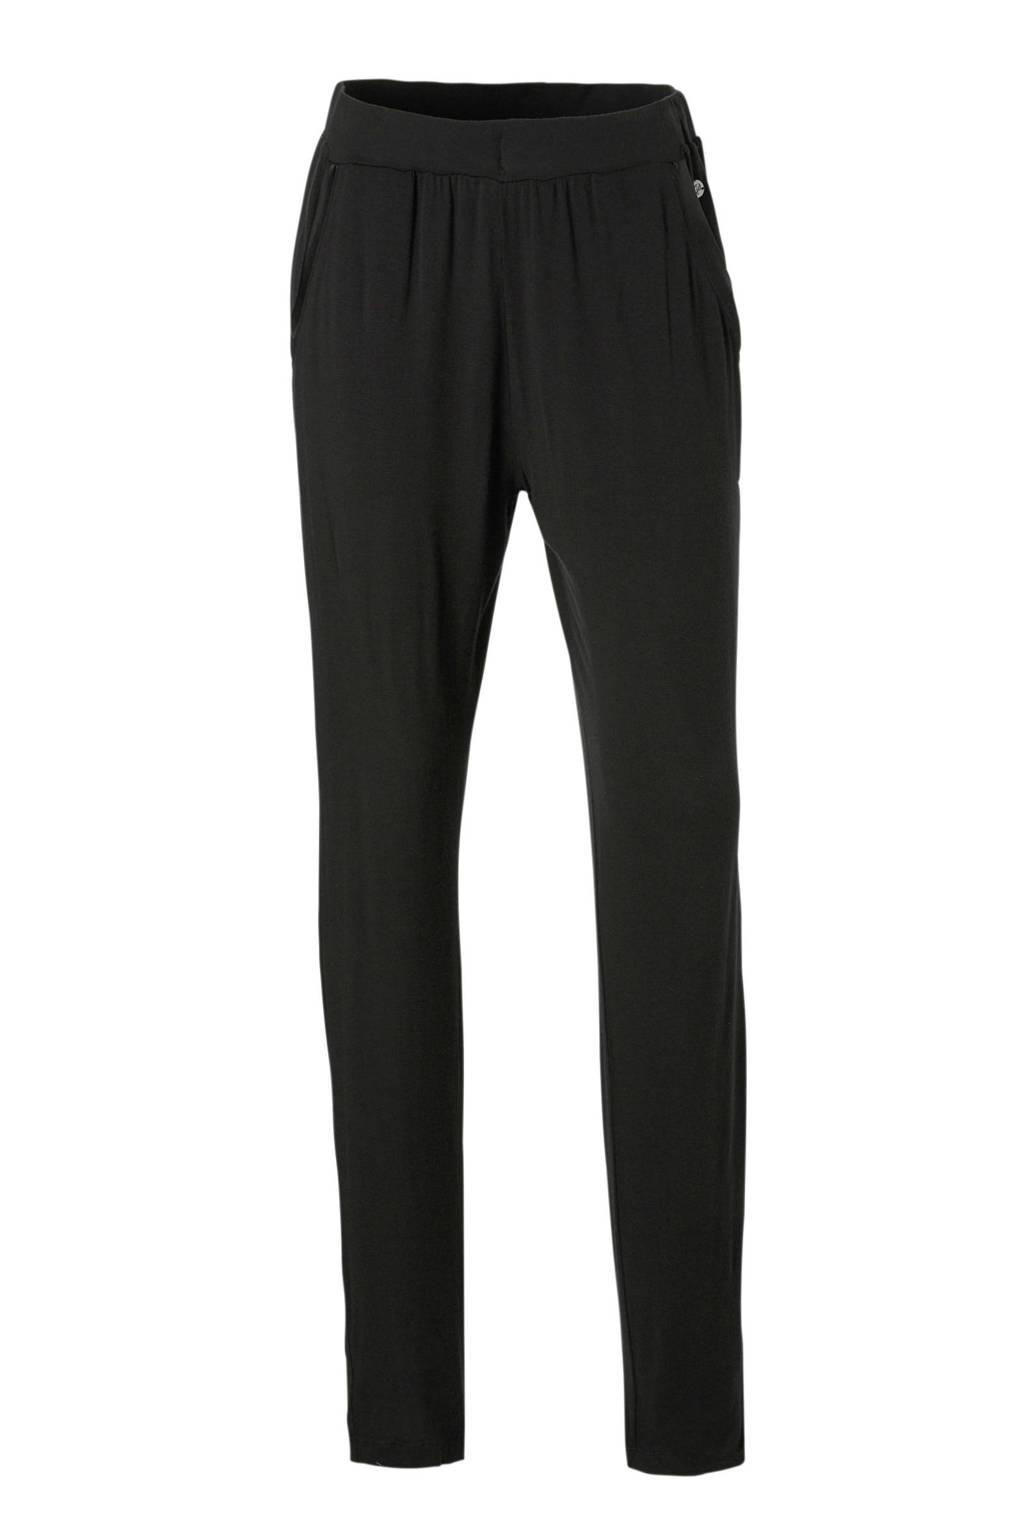 Pastunette Deluxe pyjamabroek met viscose zwart, Zwart